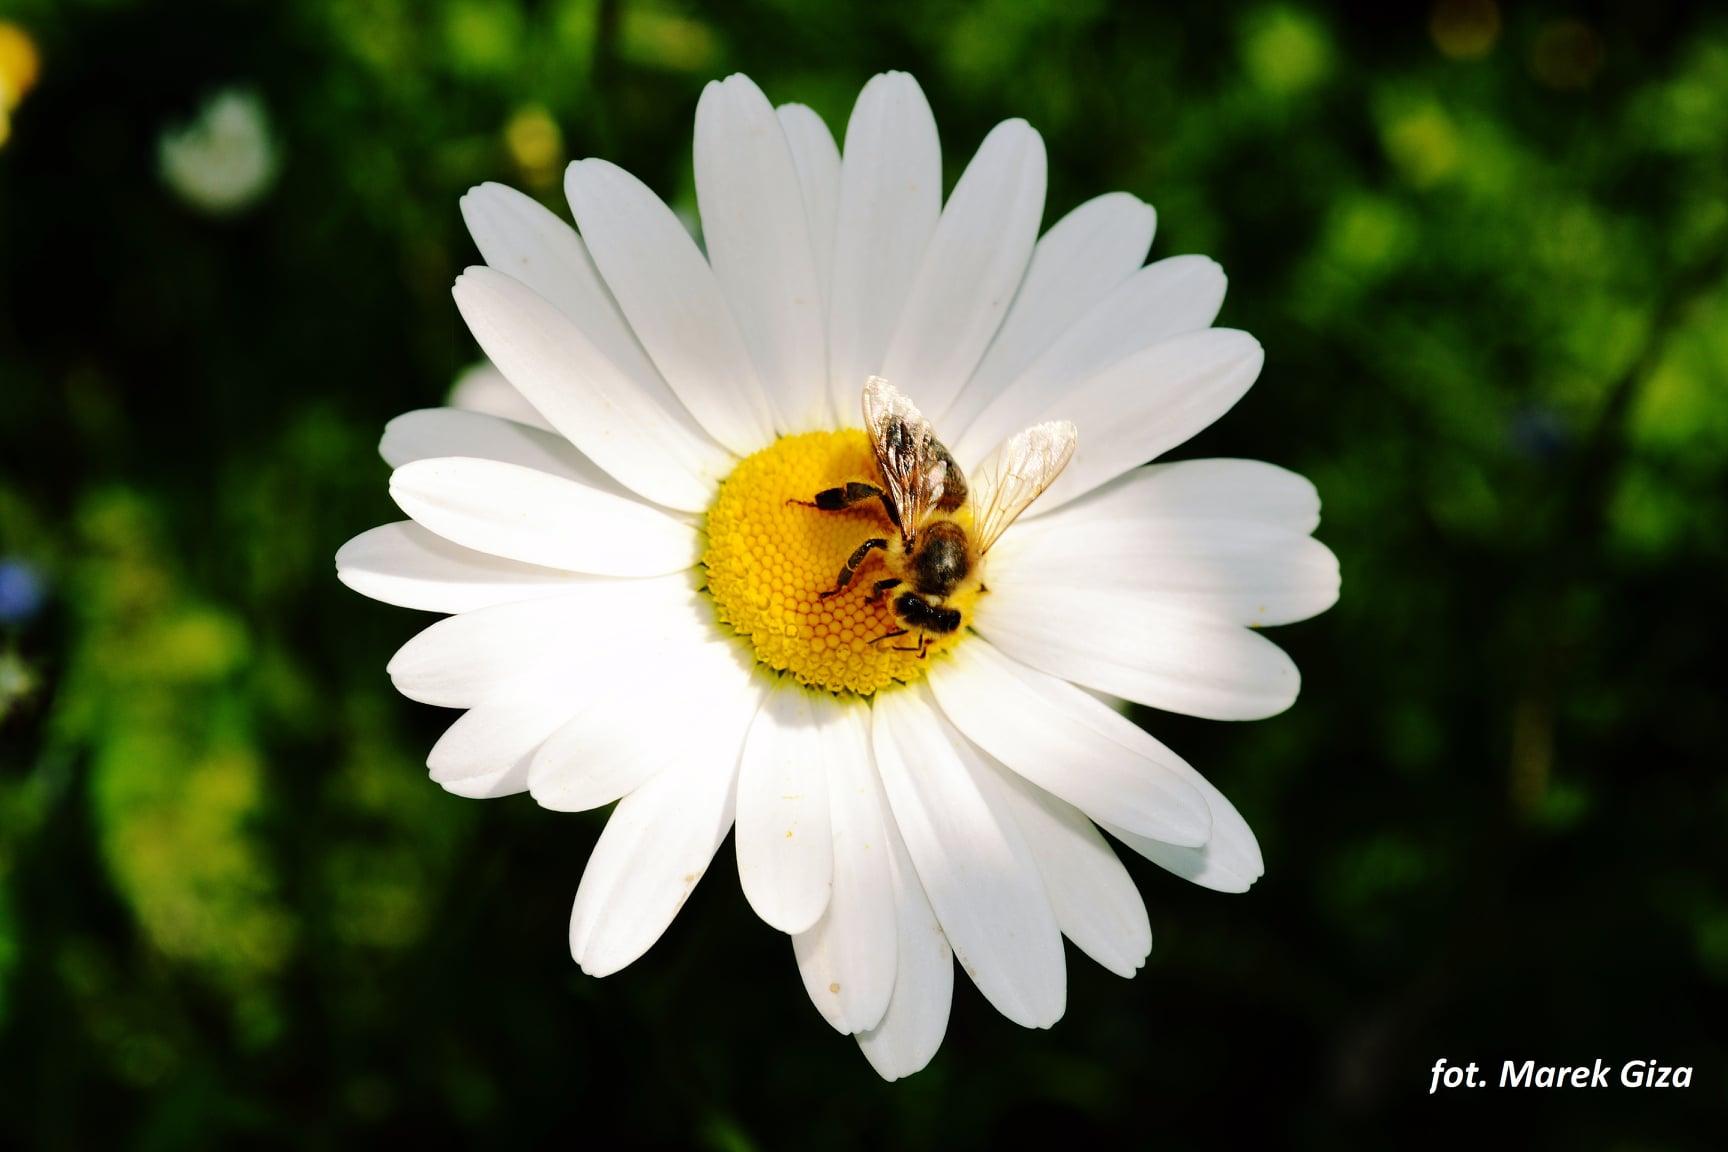 pszczoła na stokrotce - fot. Marek Giza